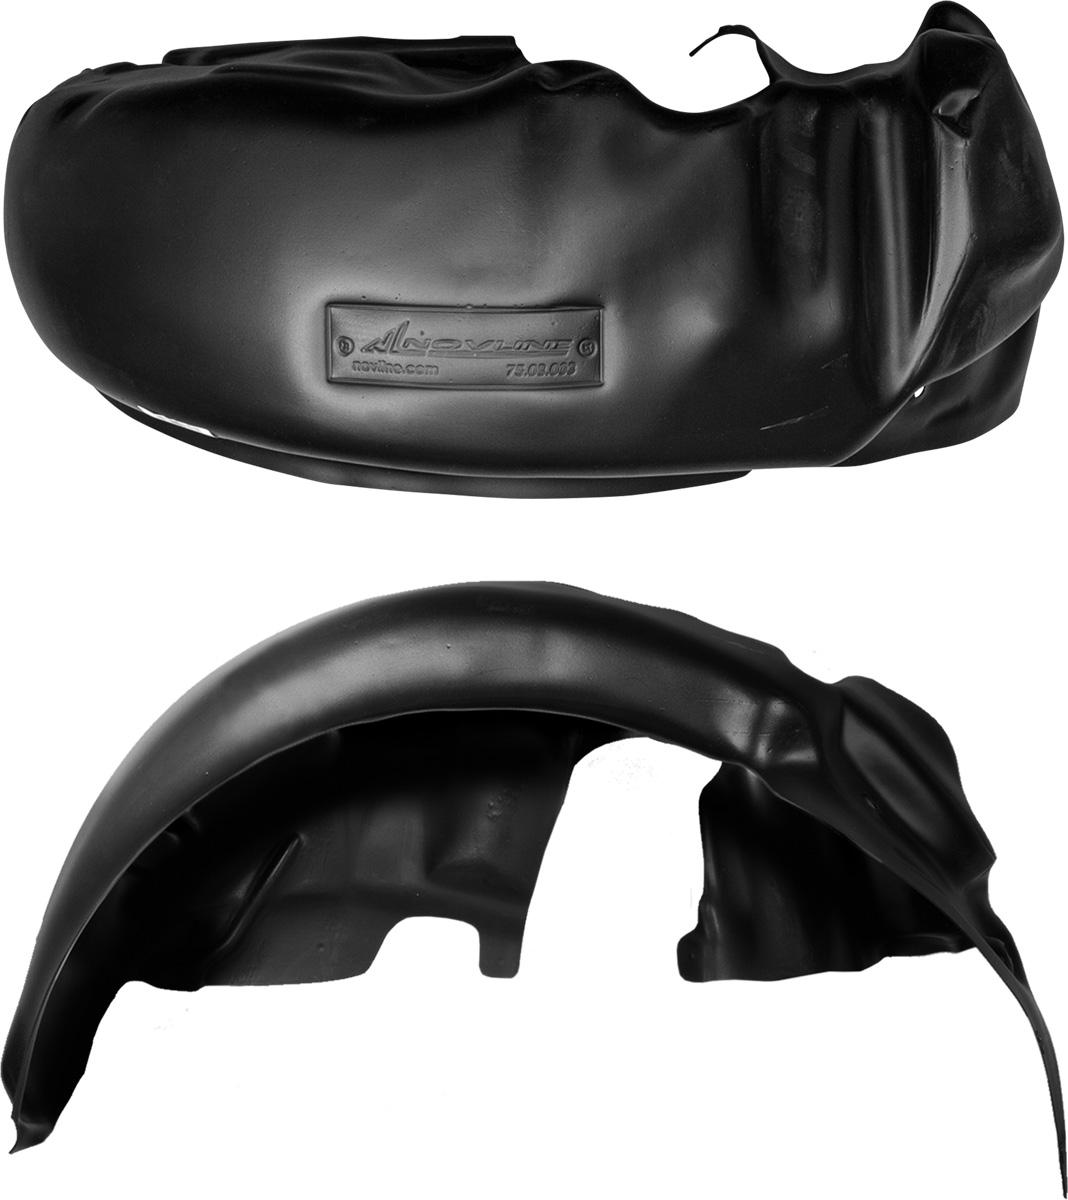 Подкрылок Novline-Autofamily, для Mitsubishi Pajero IV, 2006->, задний левый1004900000360Колесные ниши - одни из самых уязвимых зон днища вашего автомобиля. Они постоянно подвергаются воздействию со стороны дороги. Лучшая, почти абсолютная защита для них - специально отформованные пластиковые кожухи, которые называются подкрылками. Производятся они как для отечественных моделей автомобилей, так и для иномарок. Подкрылки Novline-Autofamily выполнены из высококачественного, экологически чистого пластика. Обеспечивают надежную защиту кузова автомобиля от пескоструйного эффекта и негативного влияния, агрессивных антигололедных реагентов. Пластик обладает более низкой теплопроводностью, чем металл, поэтому в зимний период эксплуатации использование пластиковых подкрылков позволяет лучше защитить колесные ниши от налипания снега и образования наледи. Оригинальность конструкции подчеркивает элегантность автомобиля, бережно защищает нанесенное на днище кузова антикоррозийное покрытие и позволяет осуществить крепление подкрылков внутри колесной арки практически без дополнительного крепежа и сверления, не нарушая при этом лакокрасочного покрытия, что предотвращает возникновение новых очагов коррозии. Подкрылки долговечны, обладают высокой прочностью и сохраняют заданную форму, а также все свои физико-механические характеристики в самых тяжелых климатических условиях (от -50°С до +50°С).Уважаемые клиенты!Обращаем ваше внимание, на тот факт, что подкрылок имеет форму, соответствующую модели данного автомобиля. Фото служит для визуального восприятия товара.